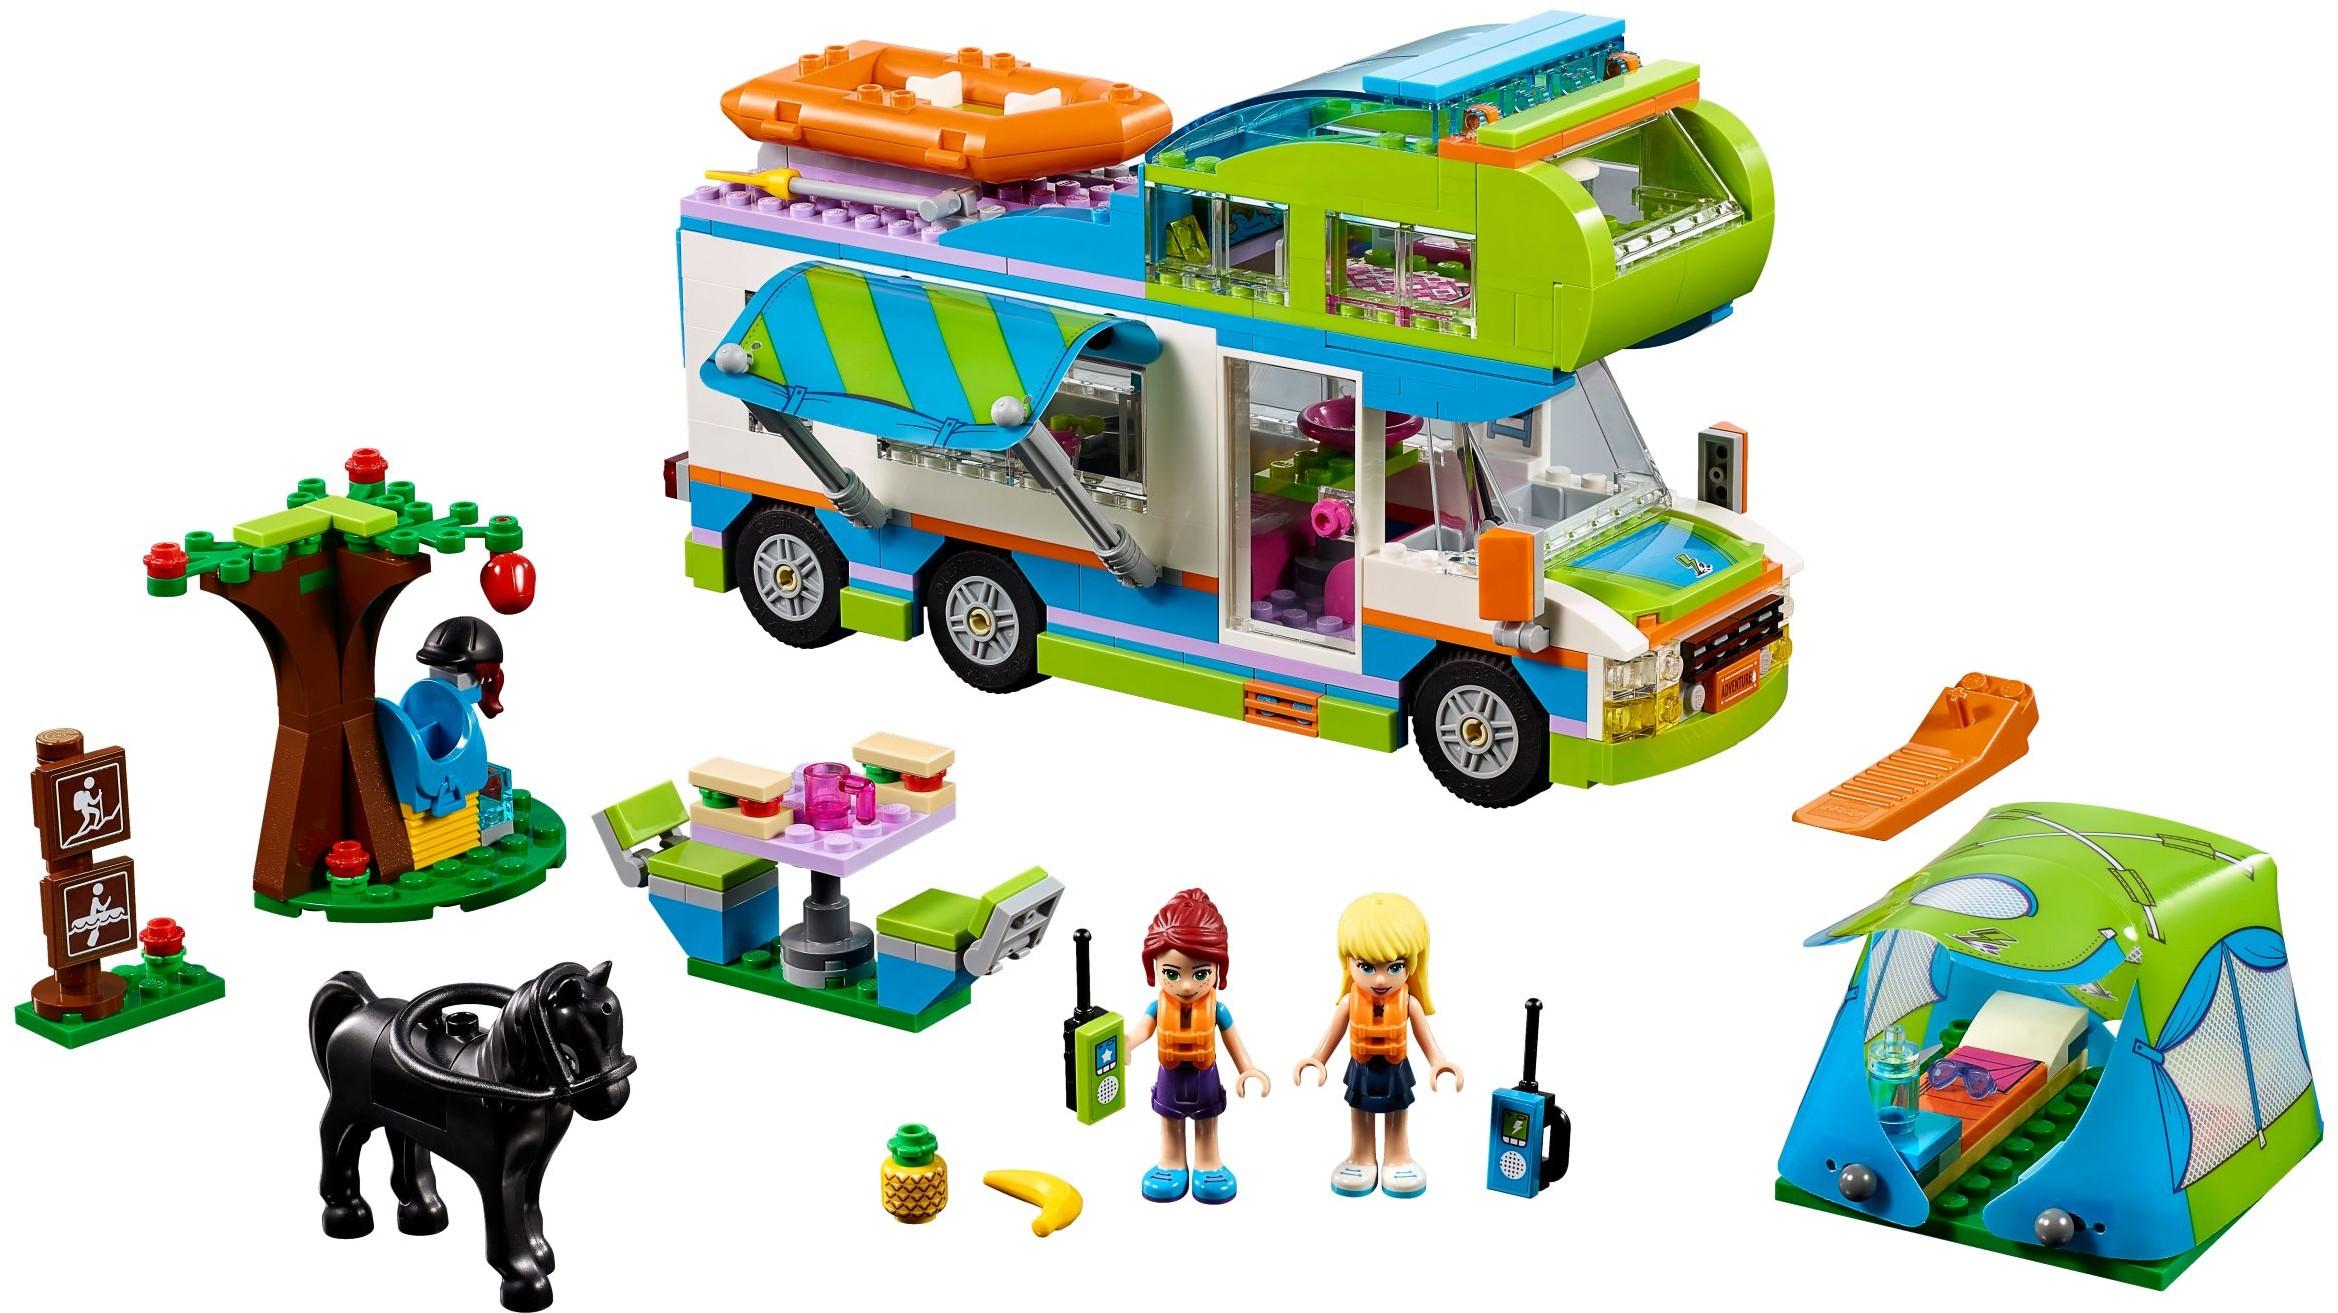 Lego City Friends Vehicle Sports Racing Car 4 NEW Baukästen & Konstruktion LEGO Bausteine & Bauzubehör